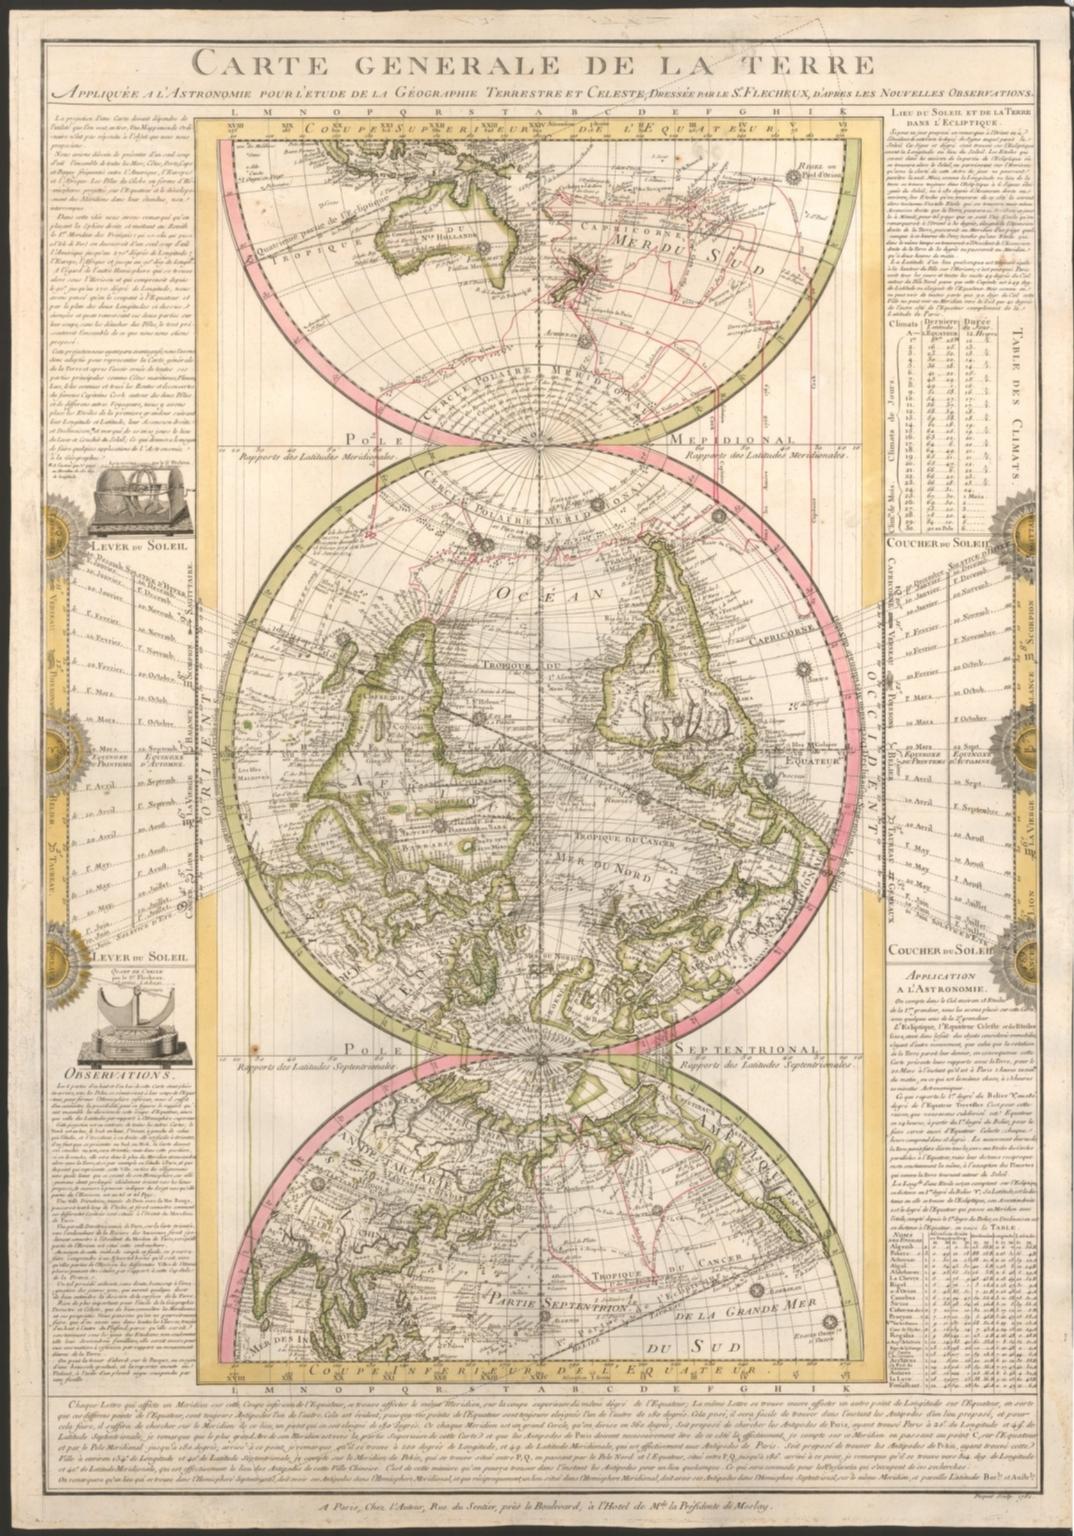 Carte générale de la terre : appliquée a l'astronomie pour l'etude de la géographie terrestre et celeste, / dressée par le s[ieu]r Flecheux, d'apres les nouvelles observations